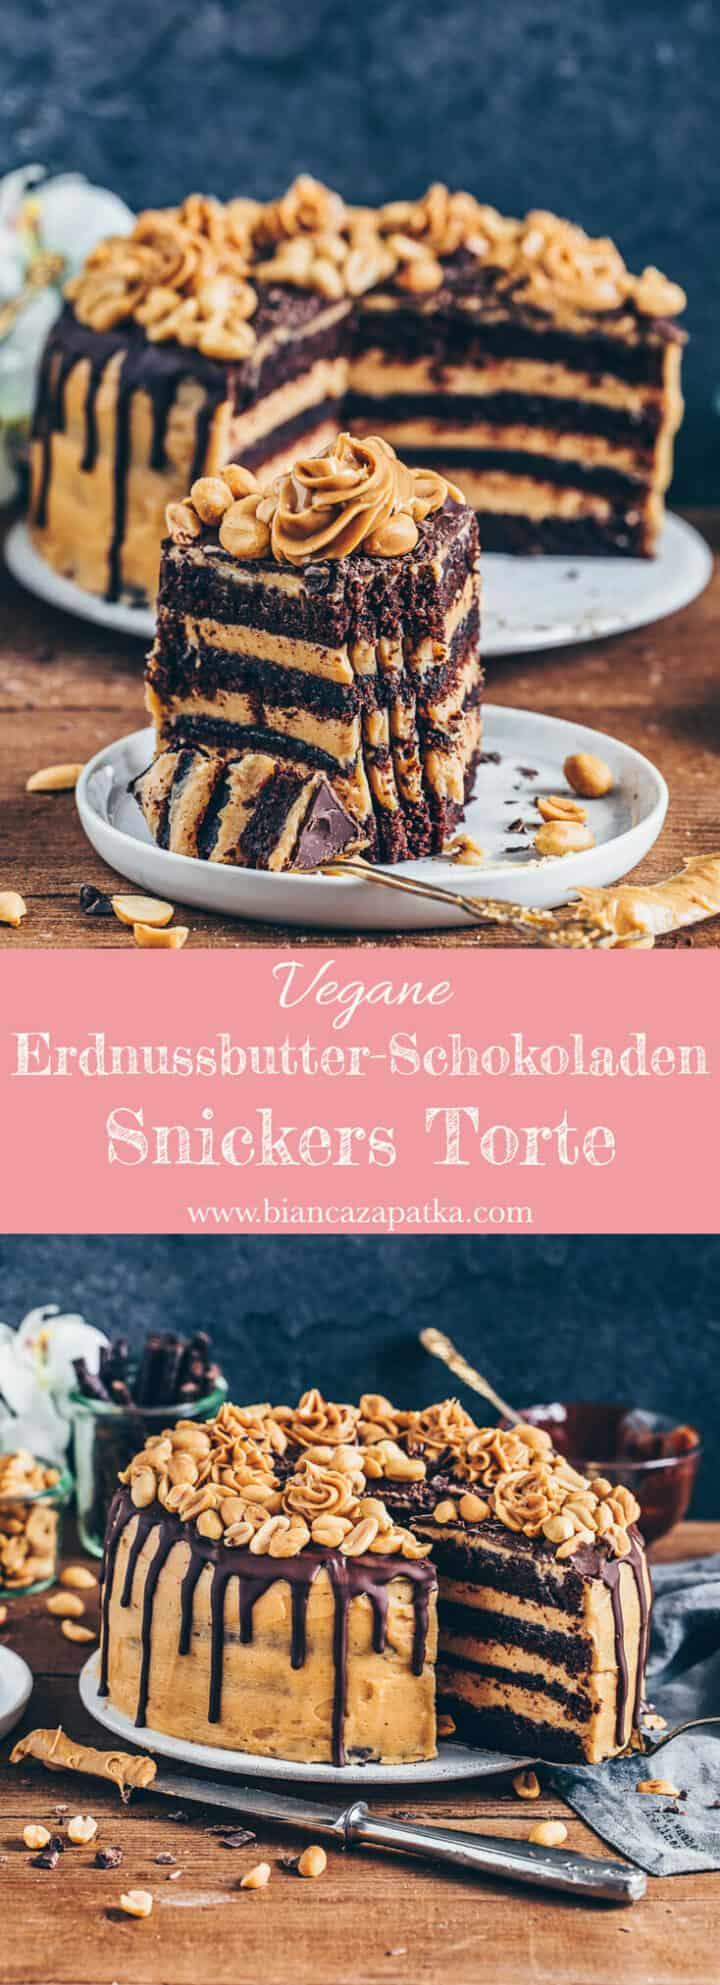 Schokoladen-Torte mitErdnussbutter-Frosting, Vegane Snickers Kuchen, einfach, Rezepot, milchfrei, eifrei, Dessert, Nachtisch